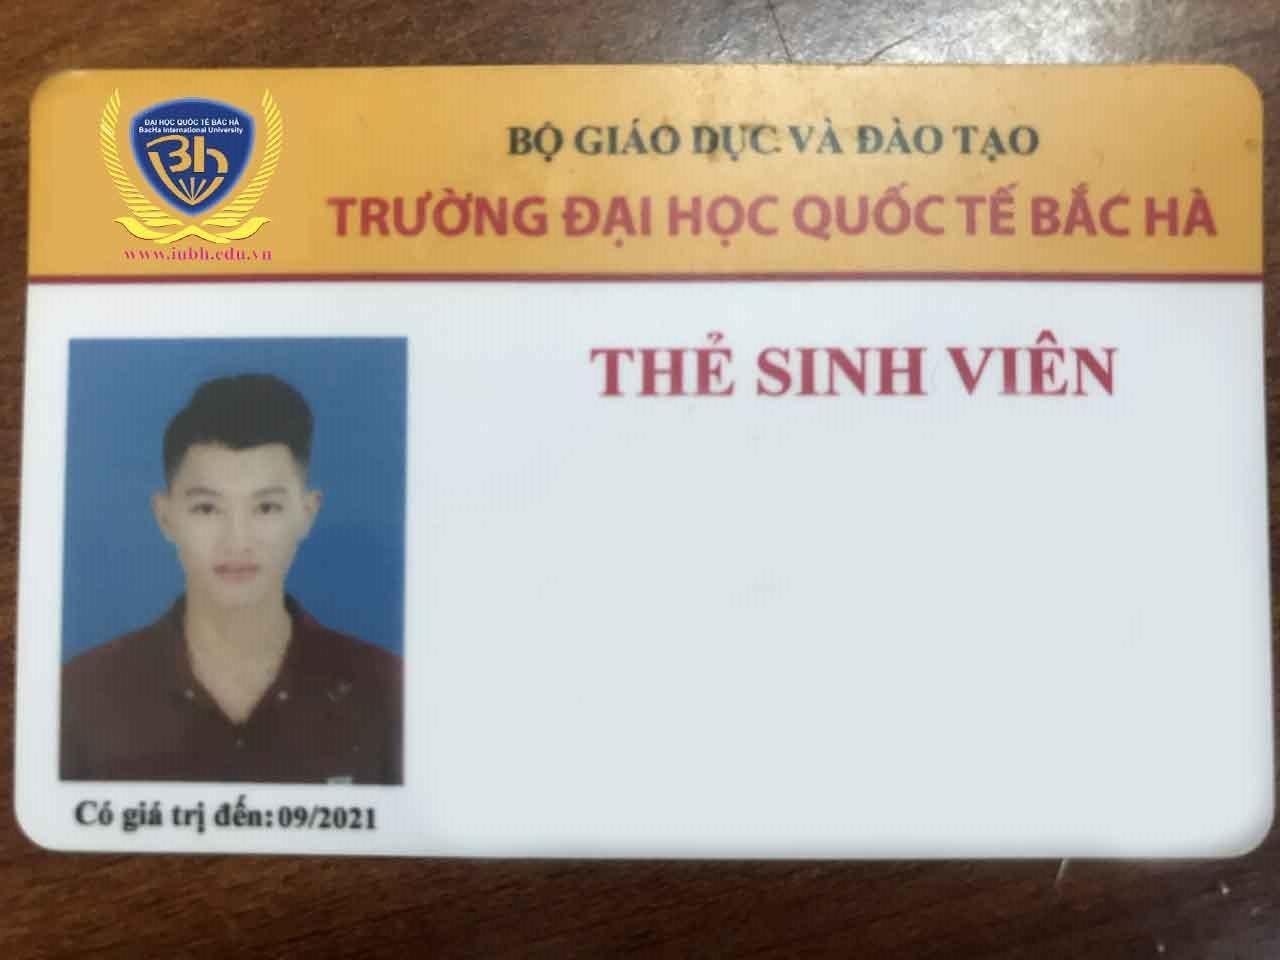 Quy định về thẻ sinh viên của Trường Đại học Quốc tế Bắc Hà